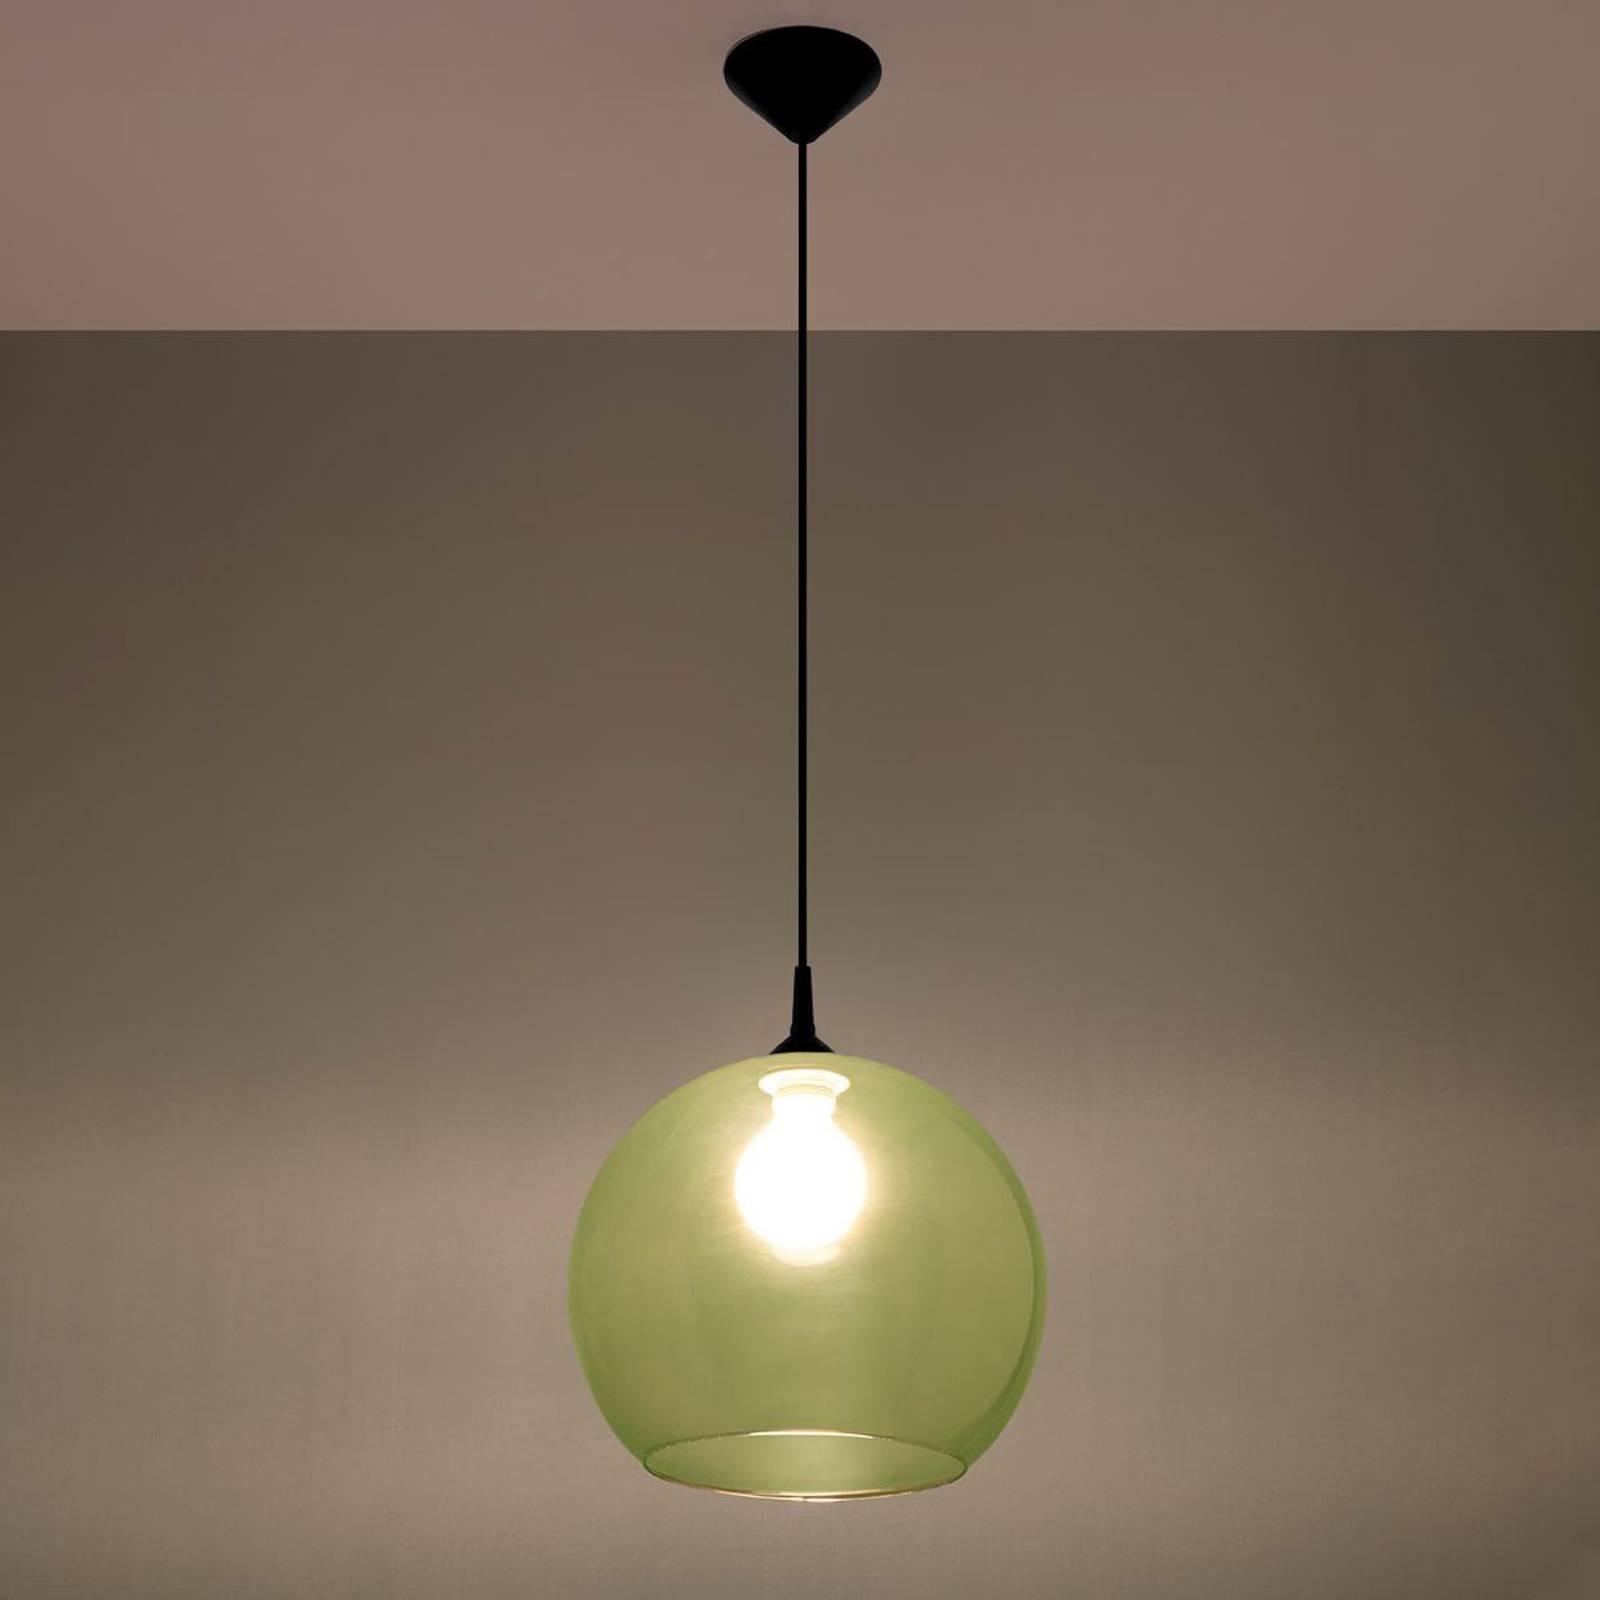 Lampa wisząca Colour szklany klosz zielony